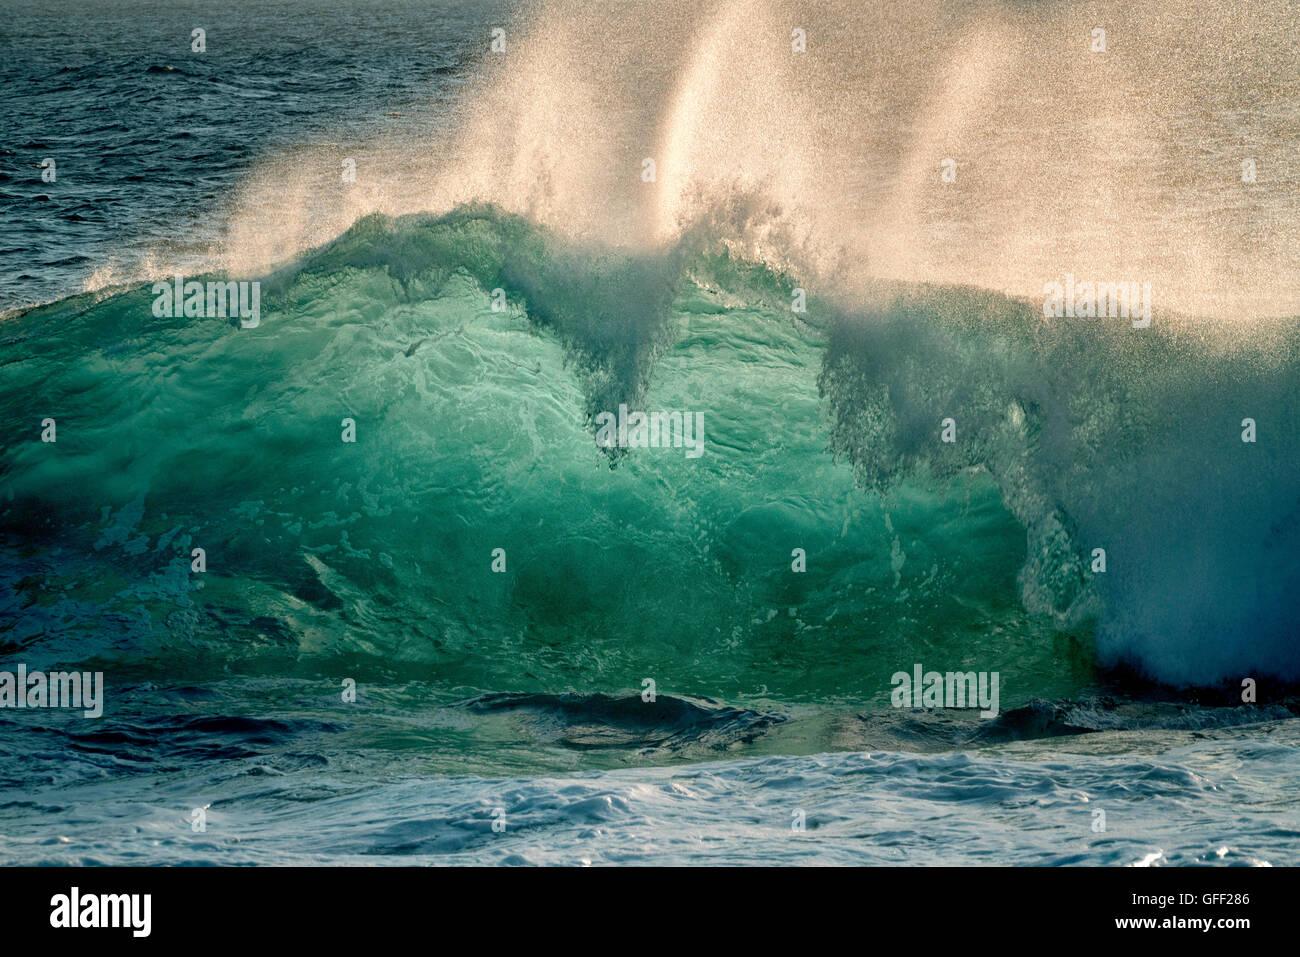 Large ocean waves. Hawaii Island. Stock Photo